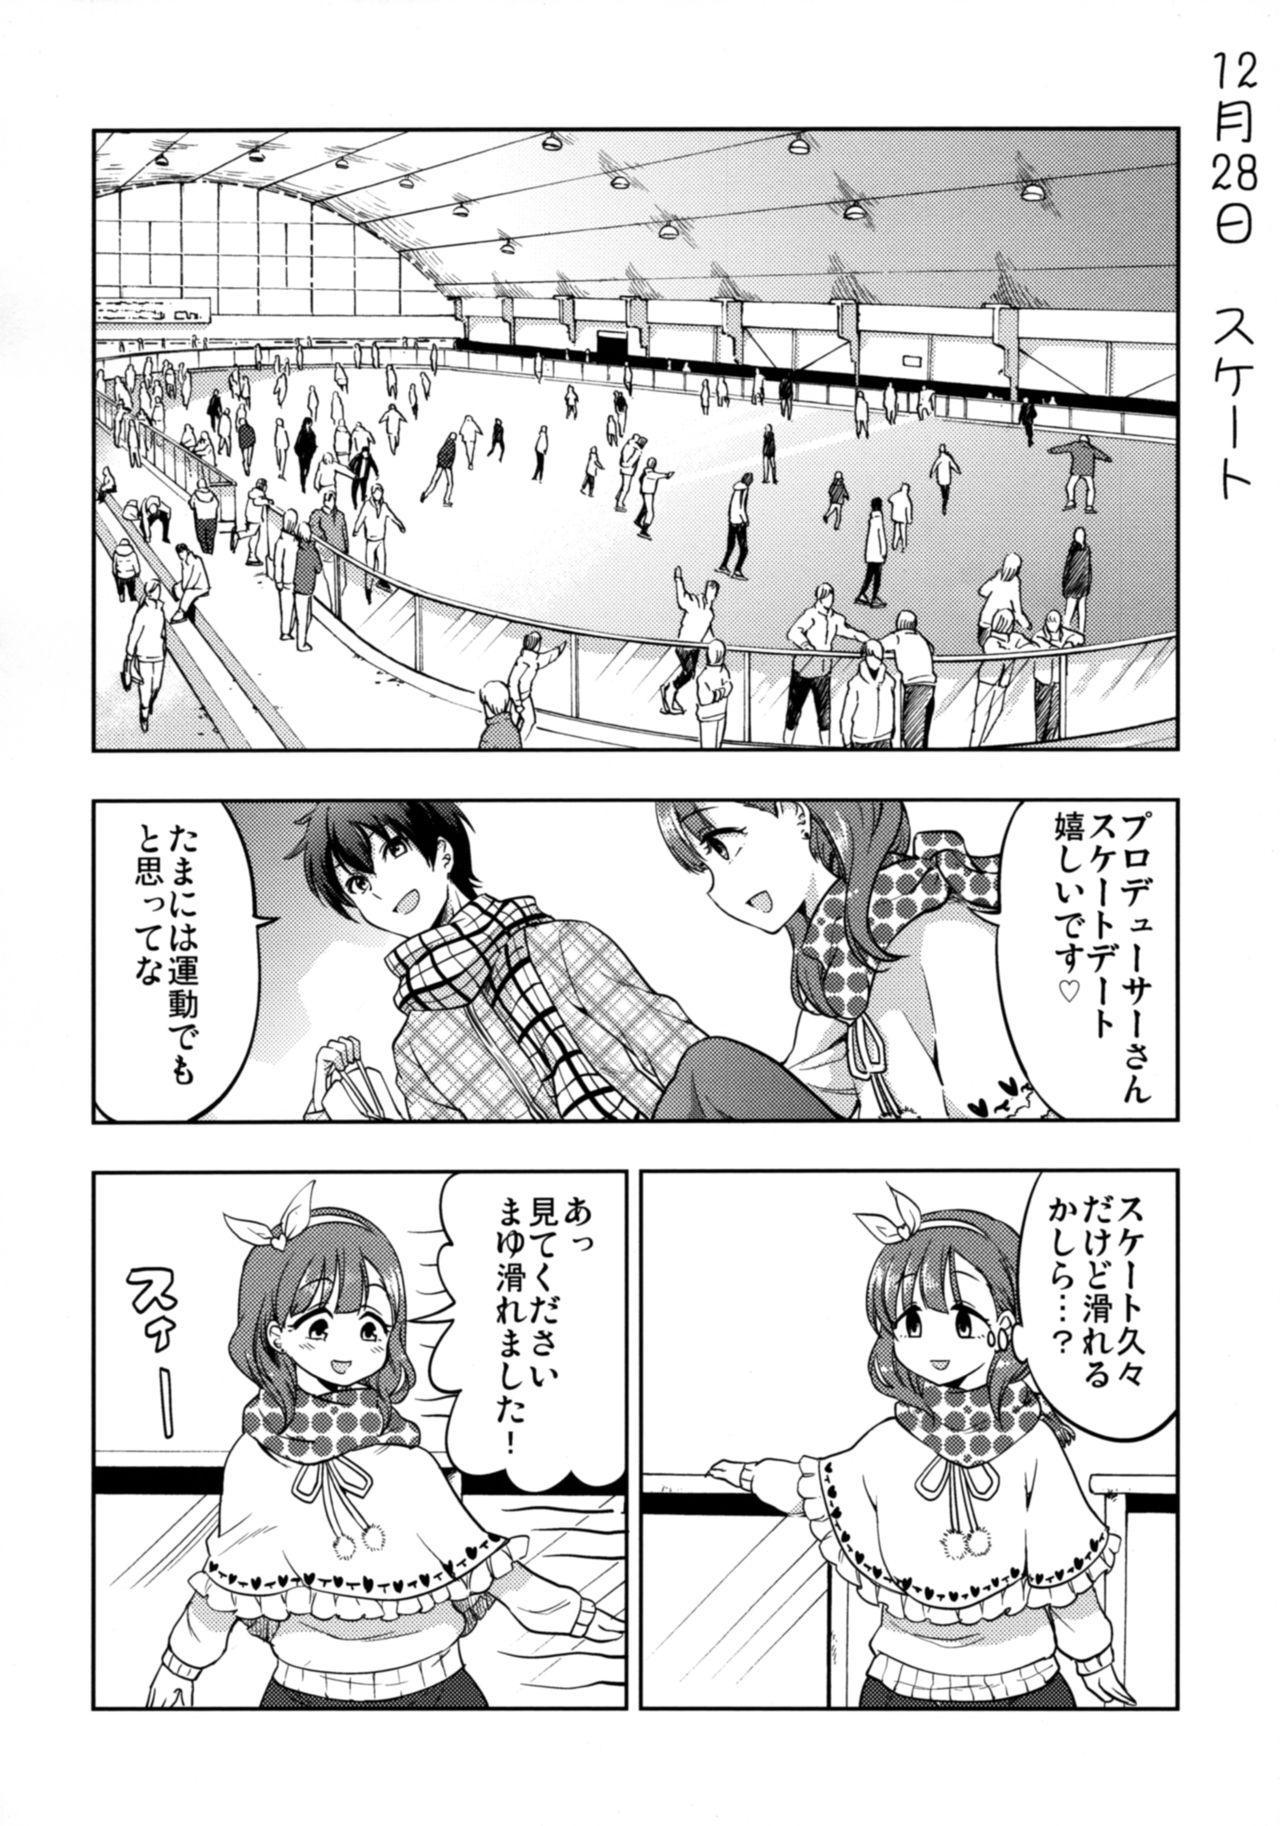 Shiawase na Ketsumatsu 12